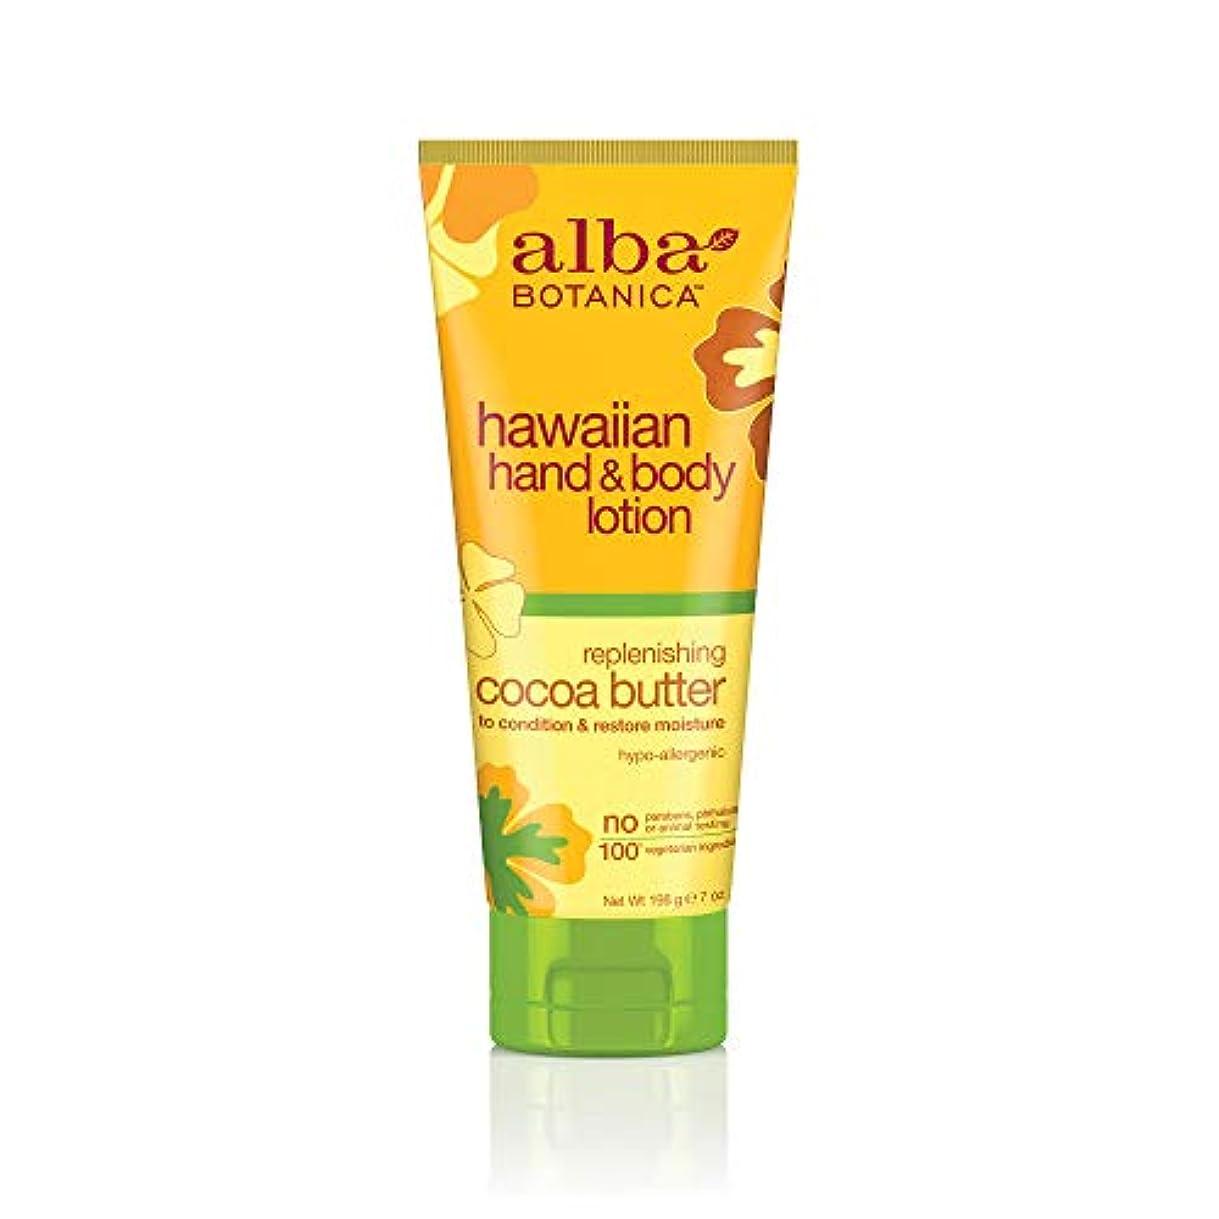 ホテルブラジャー浮く海外直送品 Alba Botanica Hawaiian Hand & Body Lotion, Cocoa Butter 7 oz